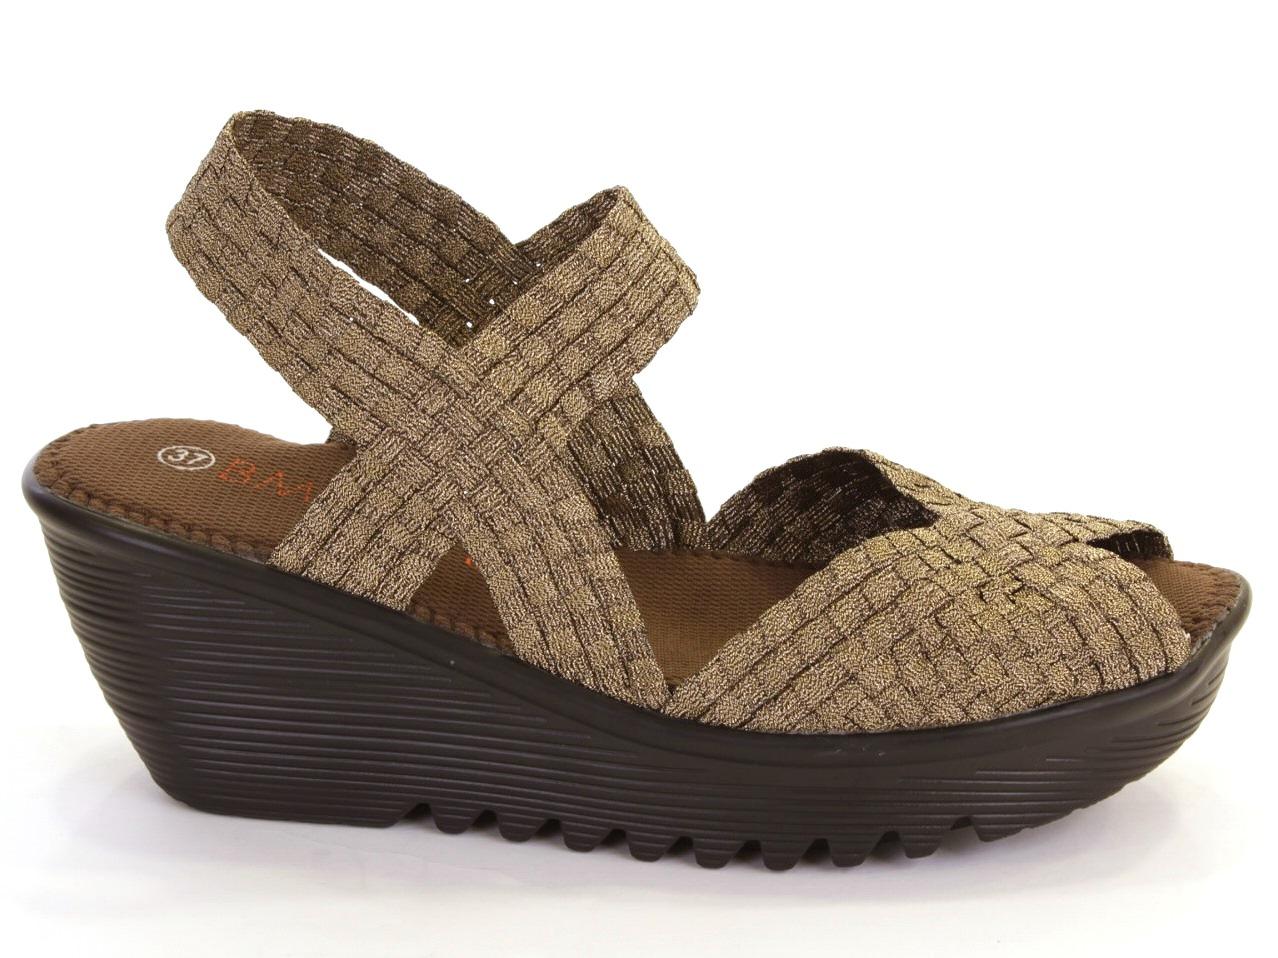 Sandálias de Cunha Bernie Mev - 632 FAME